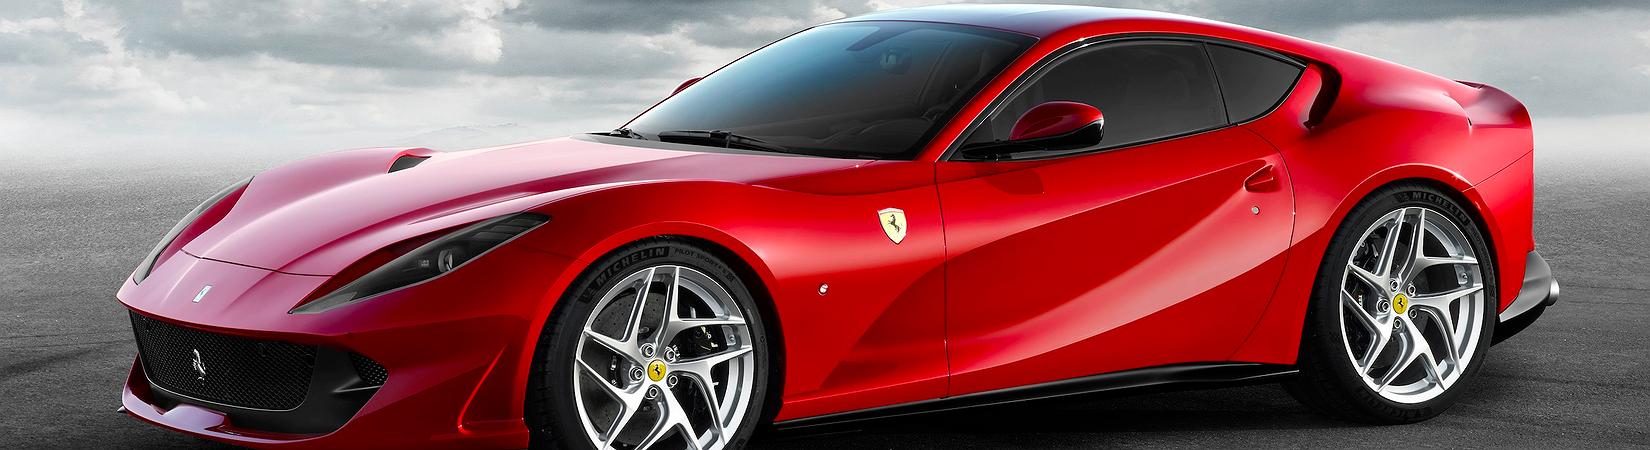 FOTOS: El Ferrari más rápido de la historia